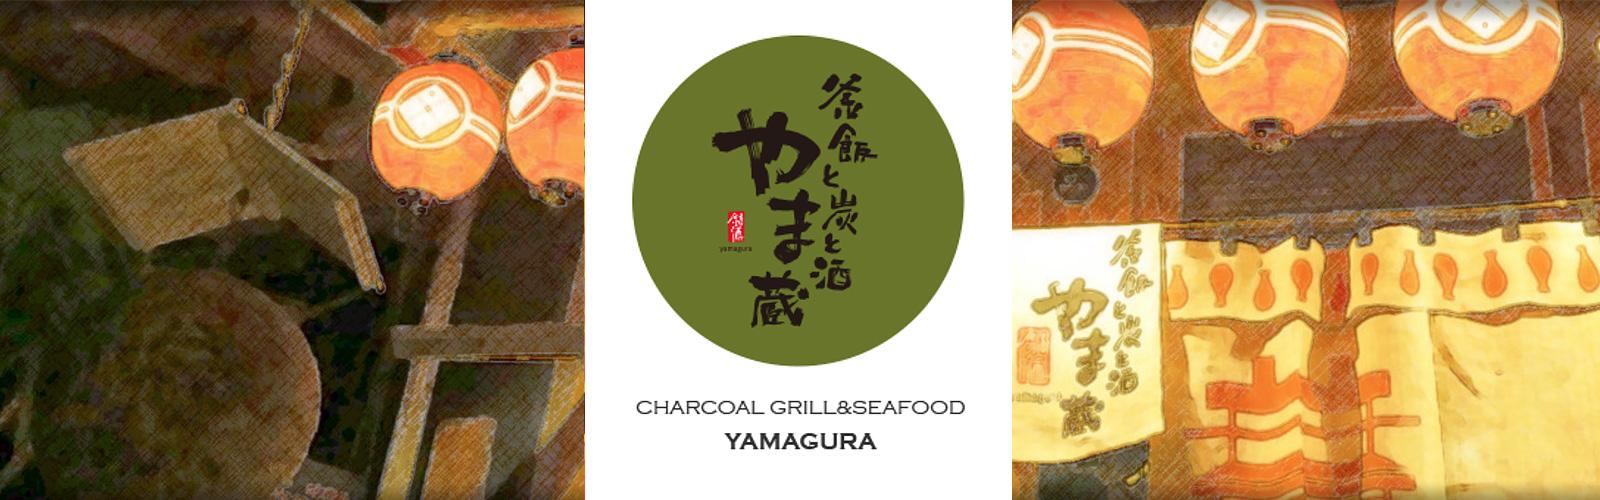 釜飯と炭と酒 やま蔵(大阪・なんば)